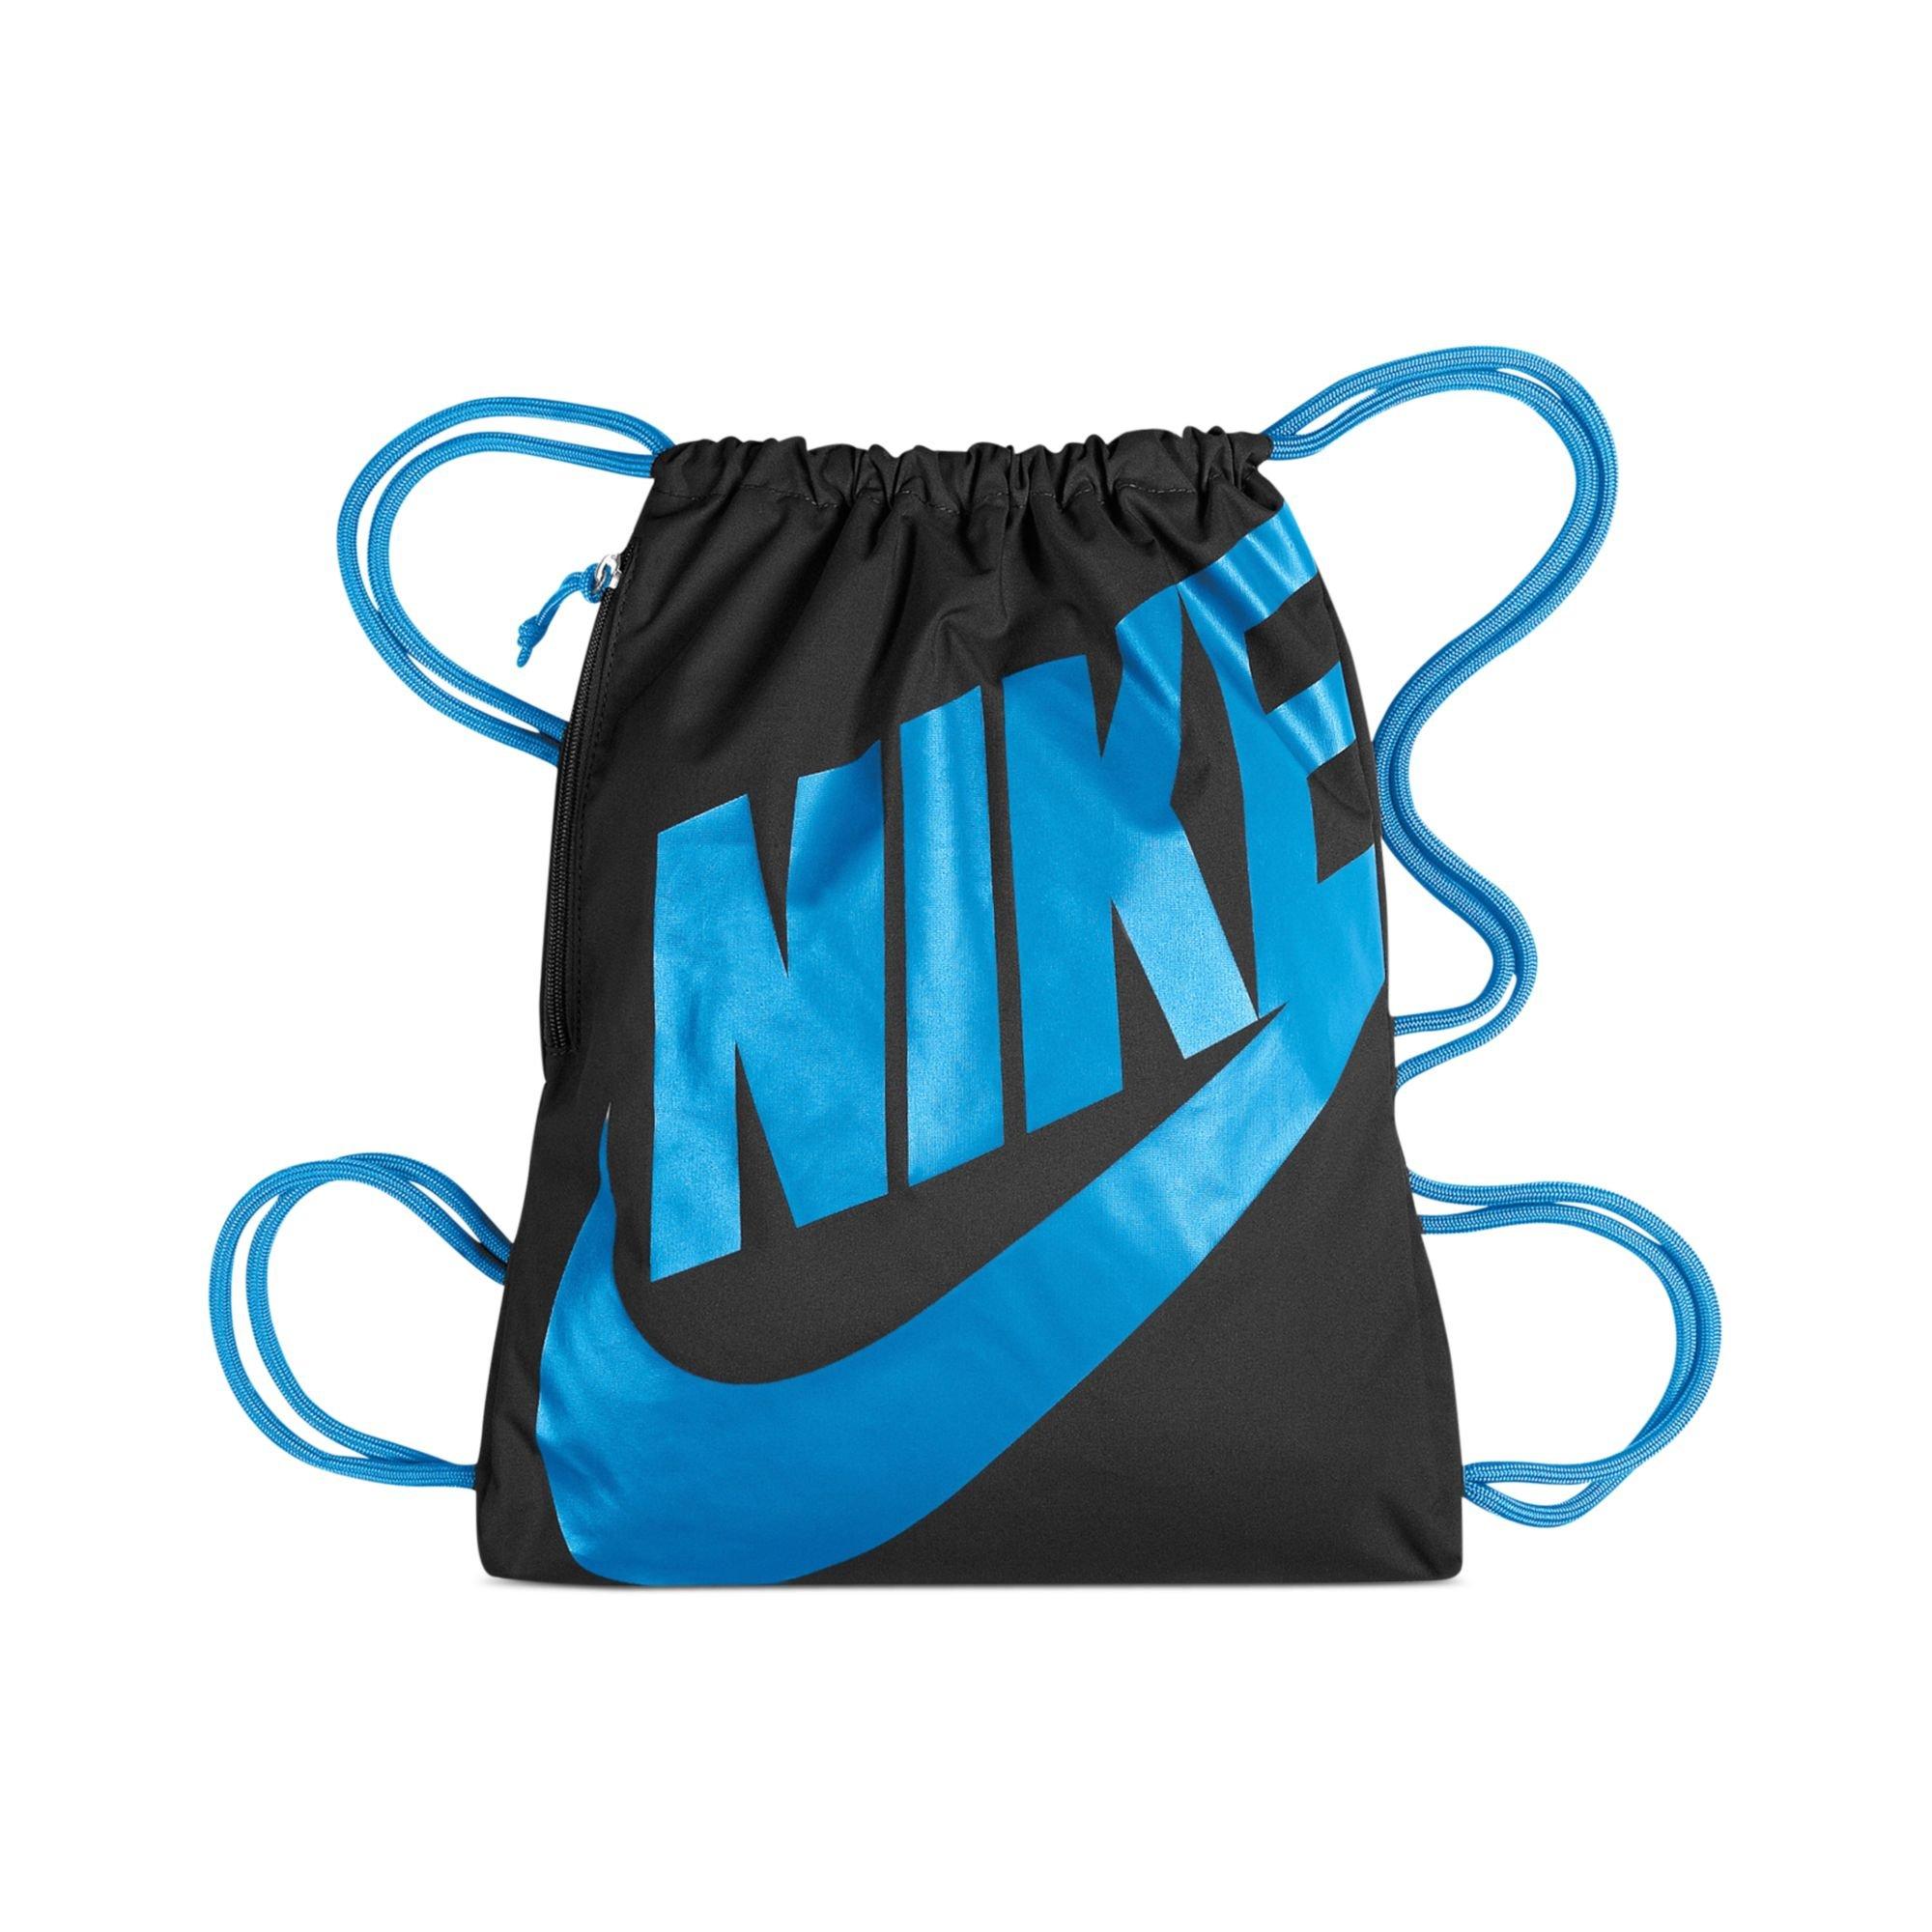 0cfc9e8b3d38 Lyst - Nike Heritage Gymsack in Blue for Men